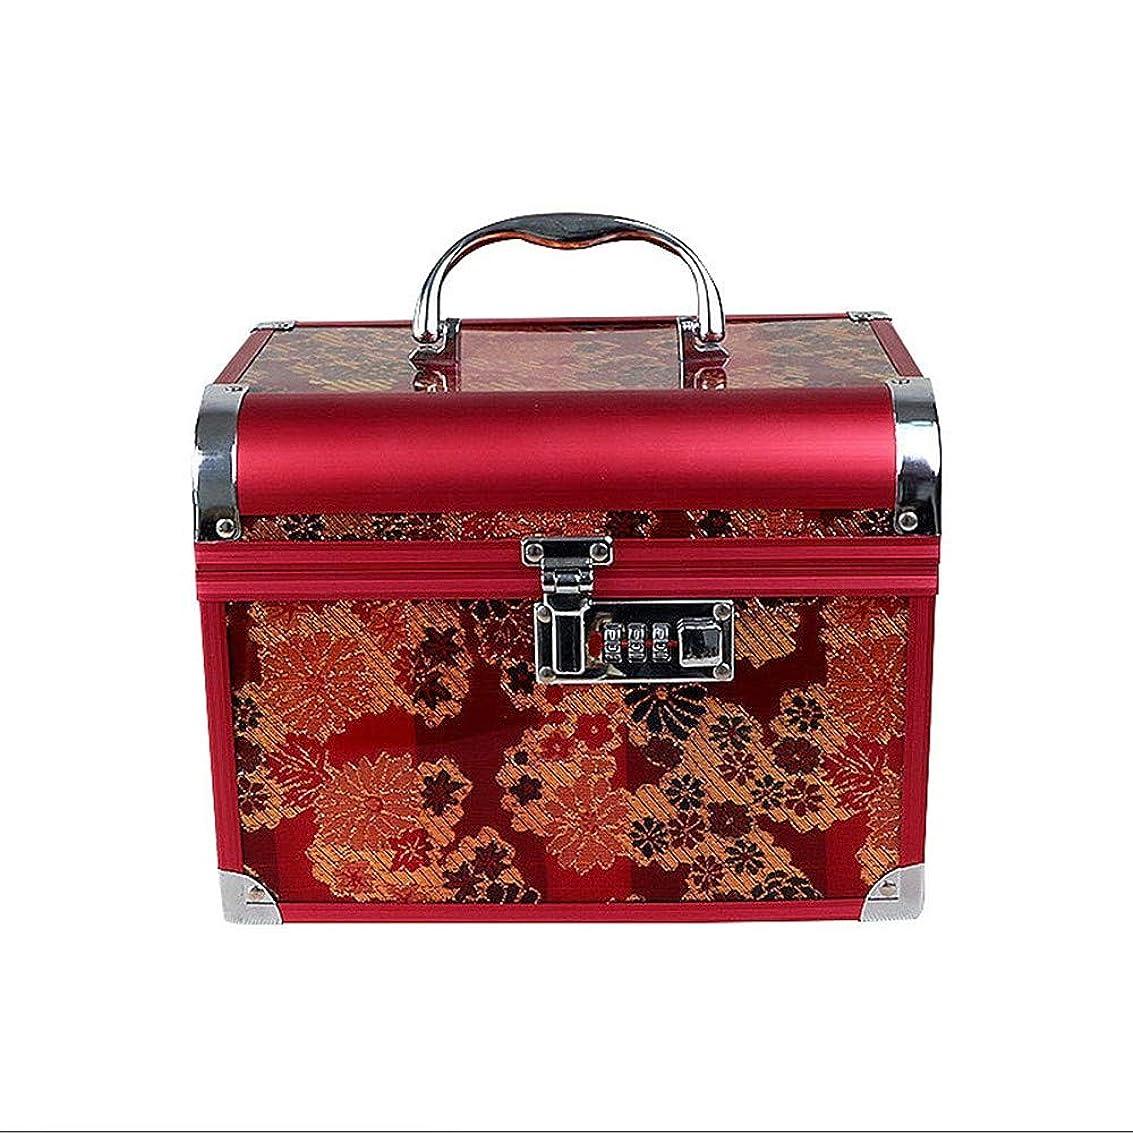 カイウス無謀根絶する化粧オーガナイザーバッグ 美容メイクアップのための大容量ポータブル化粧ケース、女性用女性用旅行用品、コード付きロック付き折り畳みトレイ 化粧品ケース